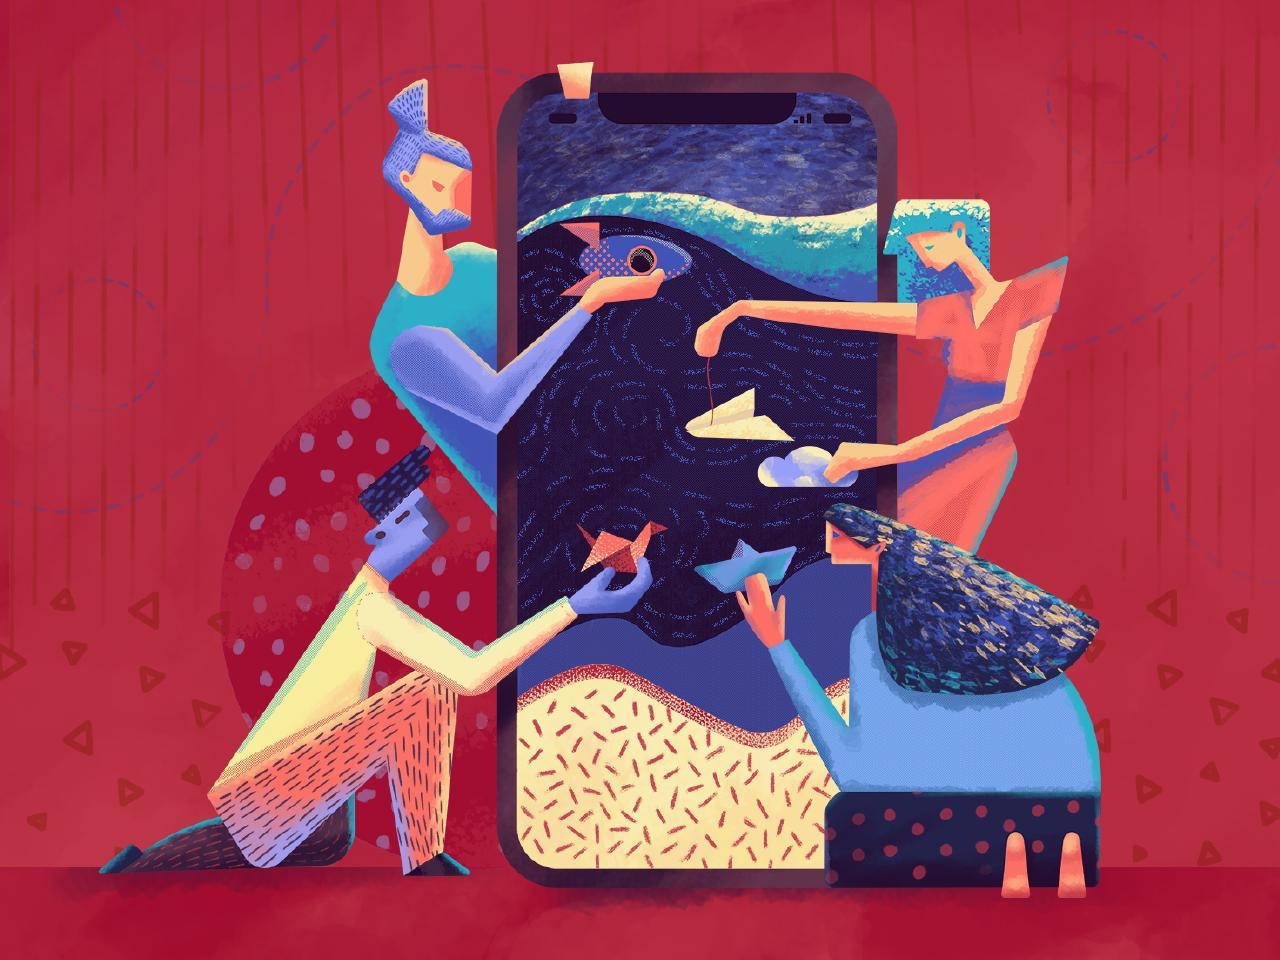 motion_in_ui_graphic_design_illustration_tubik